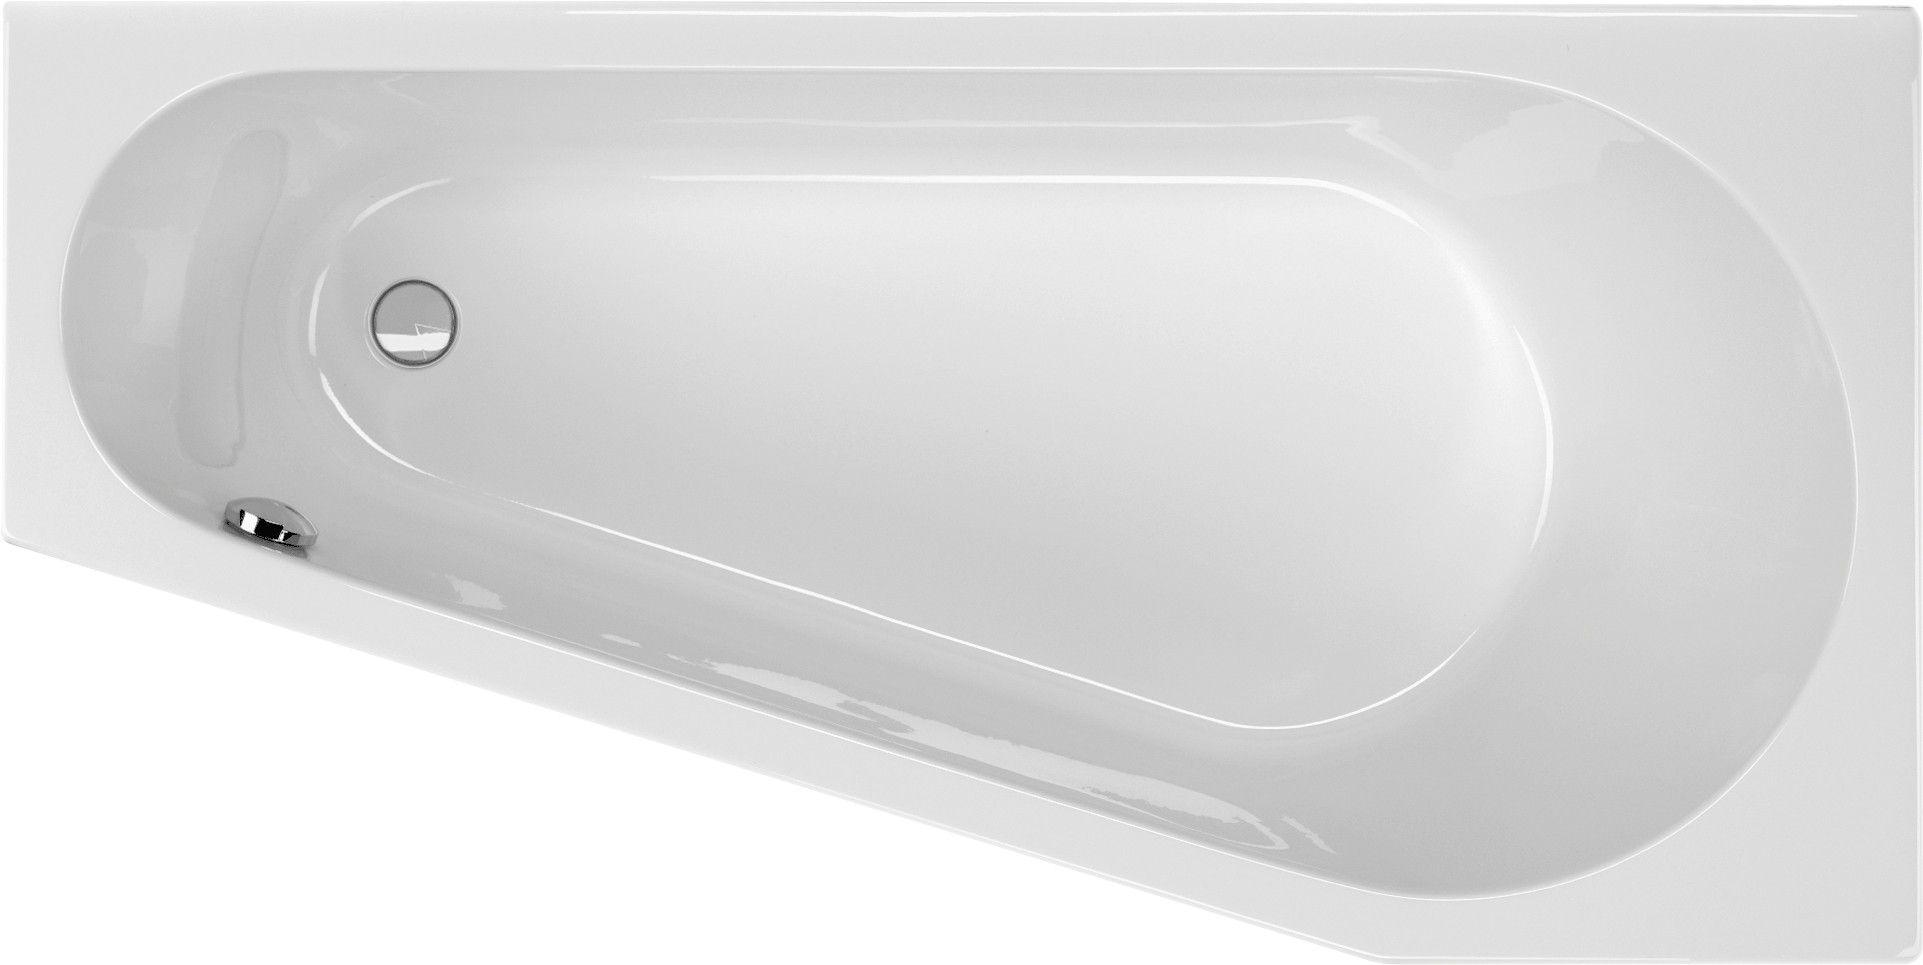 Raumsparwanne 160 X 80 X 39 5 Cm Bad Design Heizung Raumsparwanne Badewanne Wanne